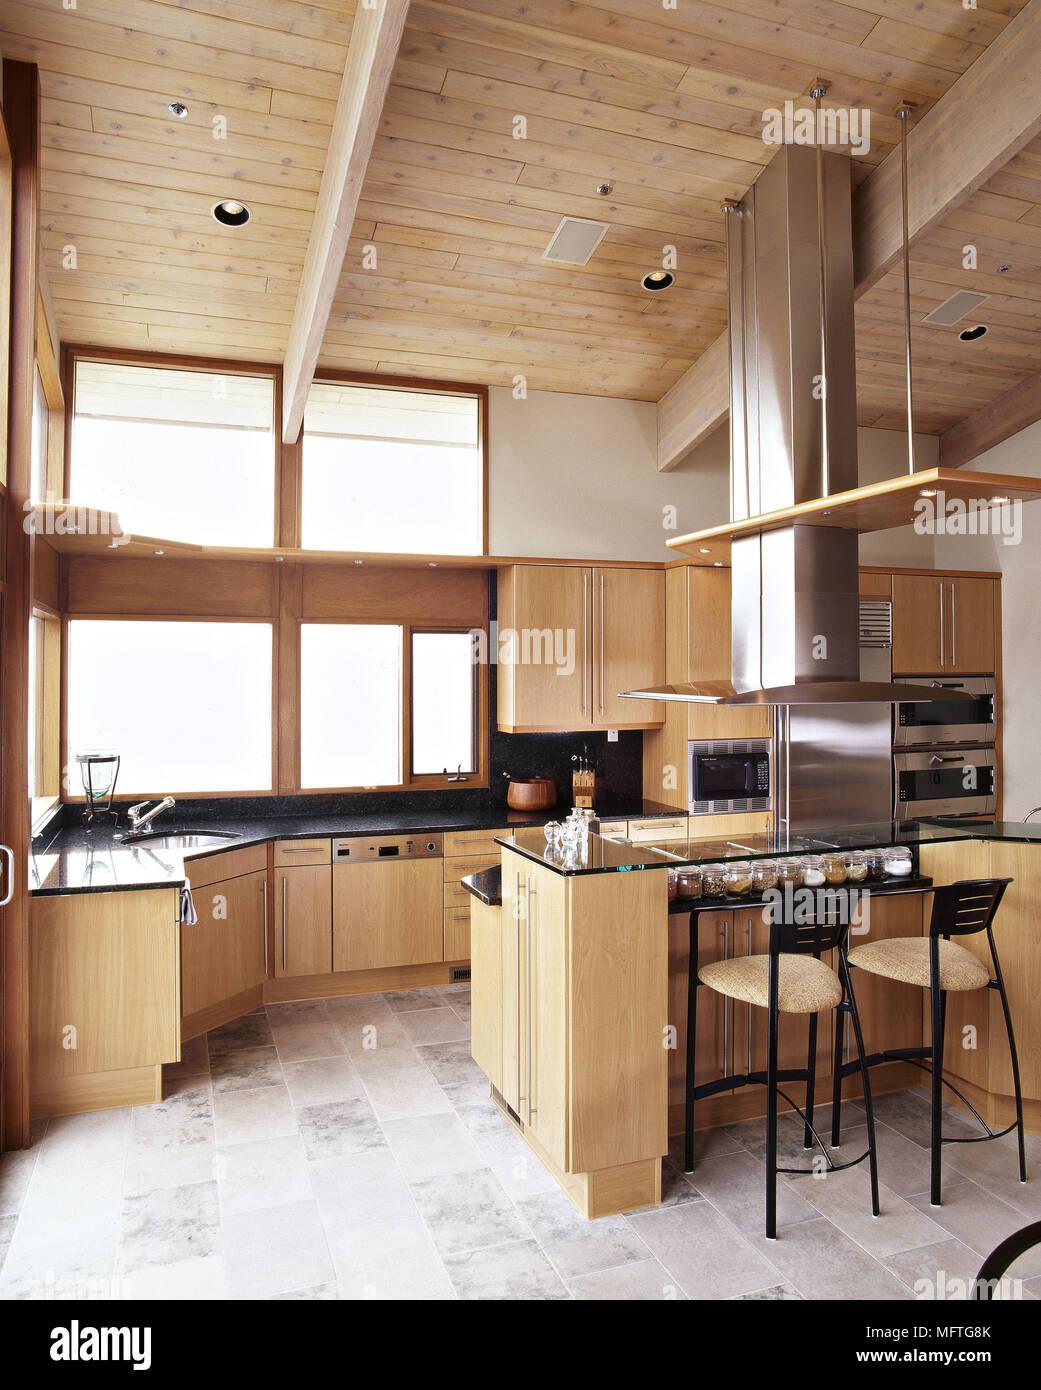 Moderne Küche Holz Decke Holz Einheiten Edelstahl Dunstabzugshaube